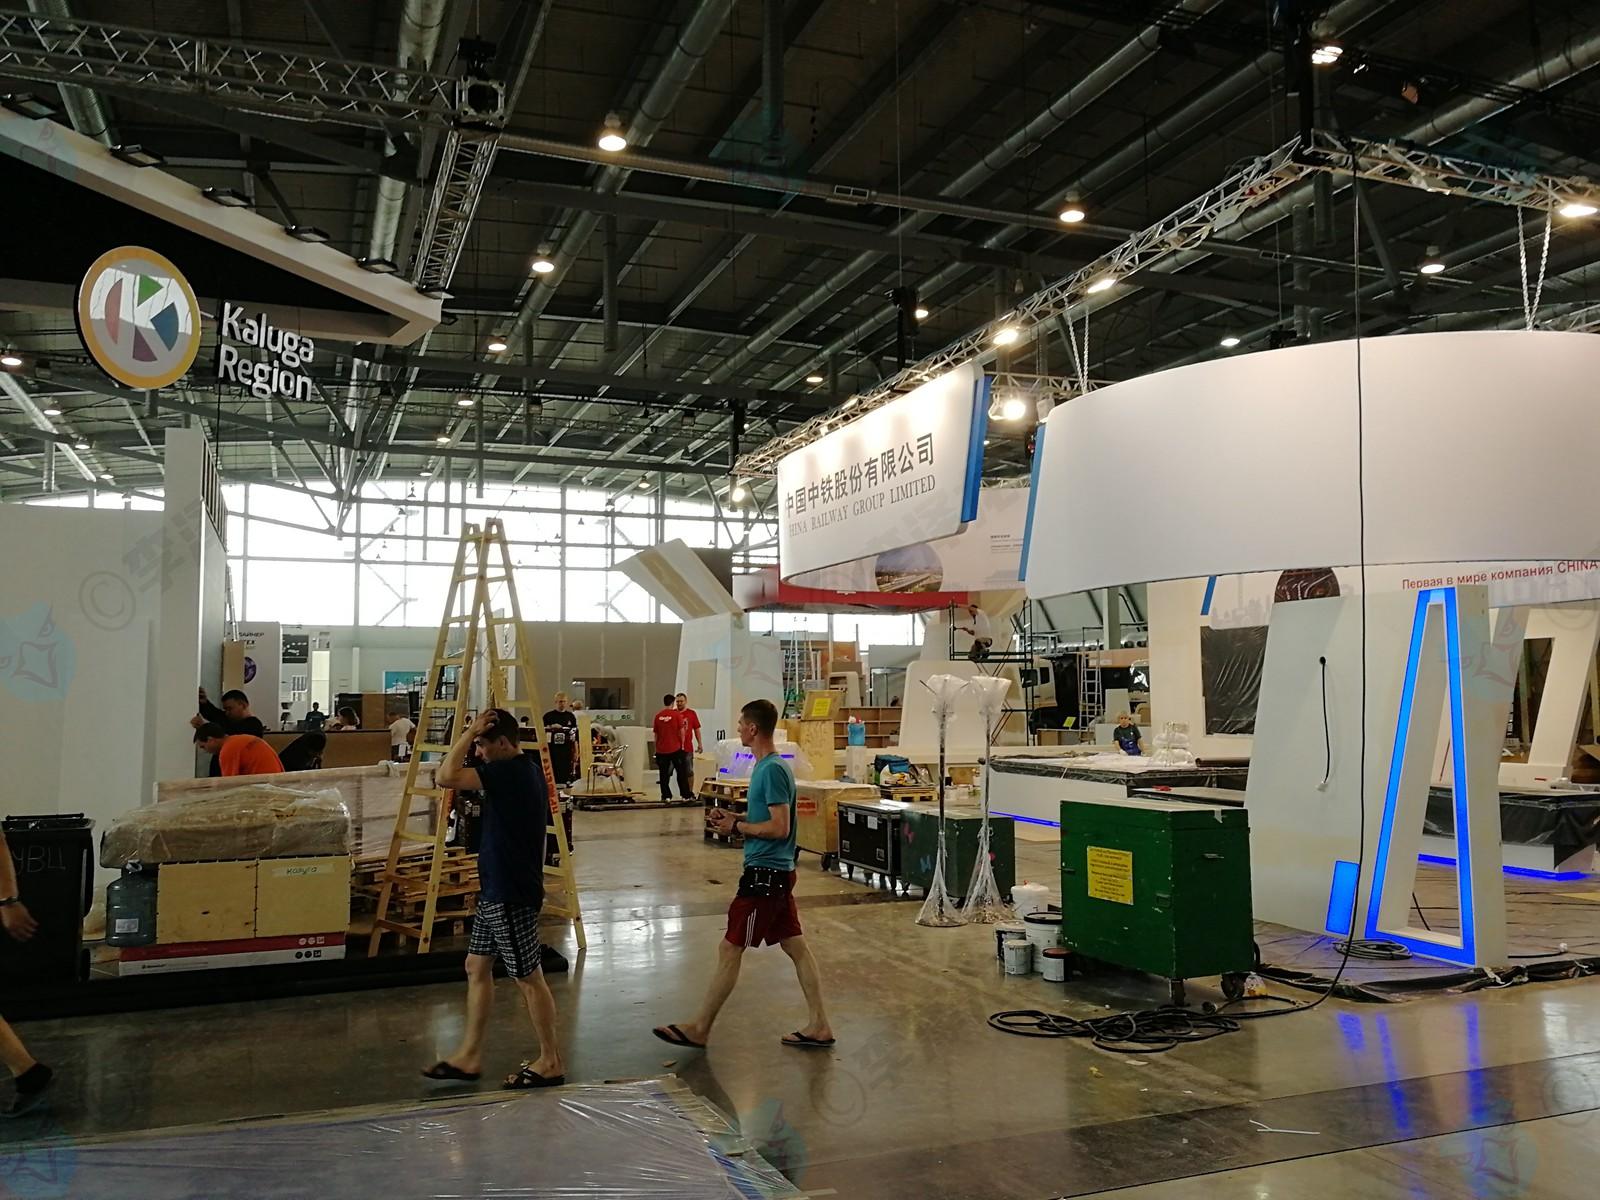 参加俄罗斯工业博览会(俄罗斯创新工业展)是什么体验?插图12-小狮座俄罗斯留学